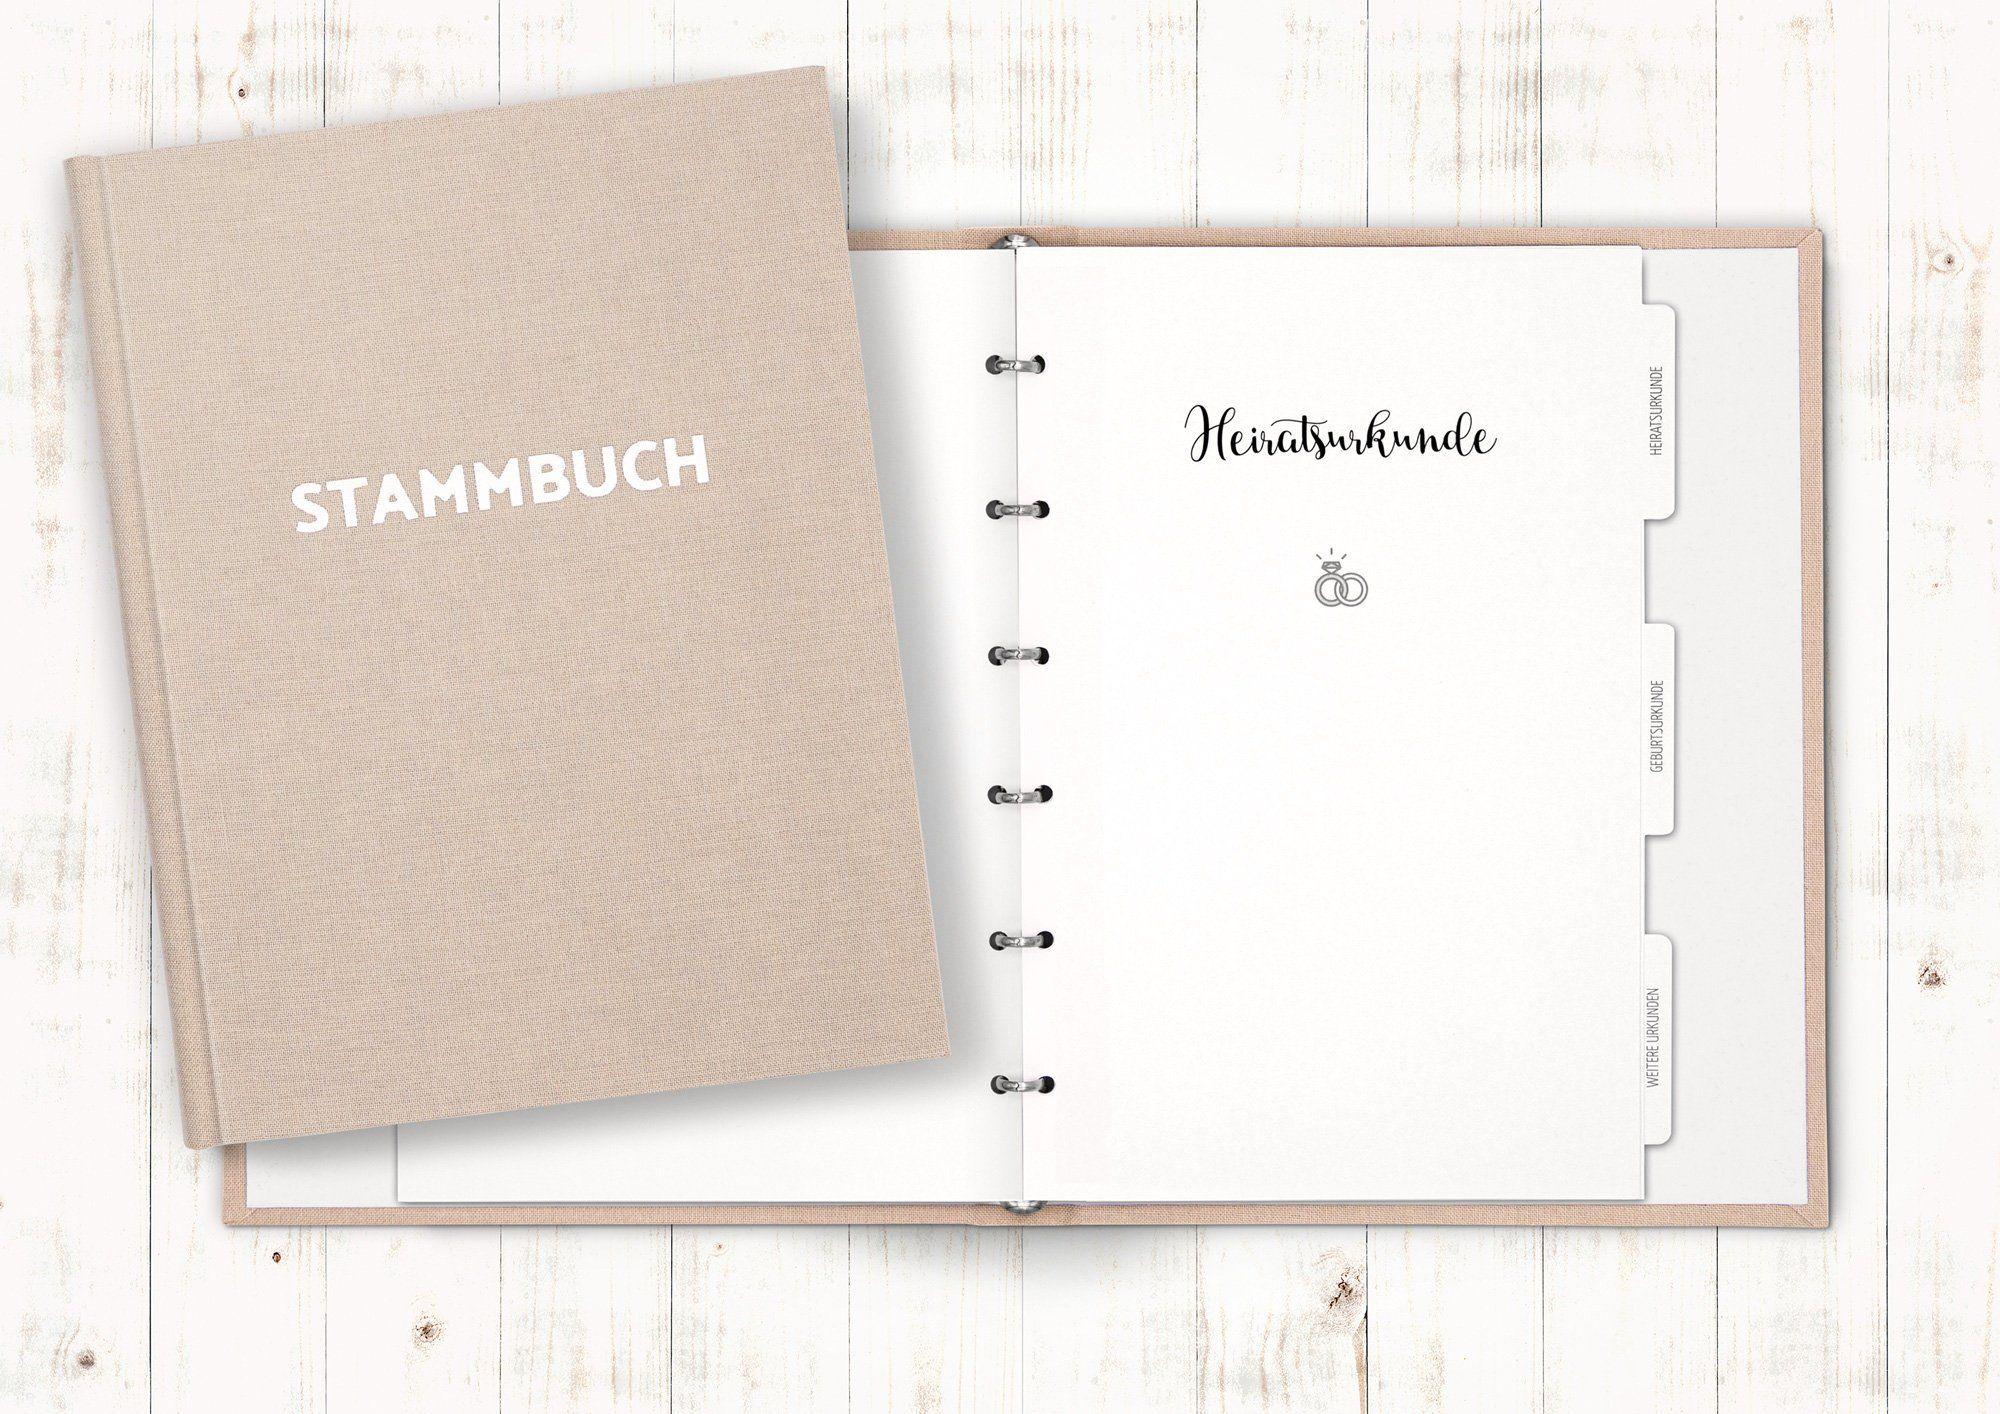 Stammbuch Elegance Familienstammbuch Stammbuch der Familie Hochzeitsdokumente